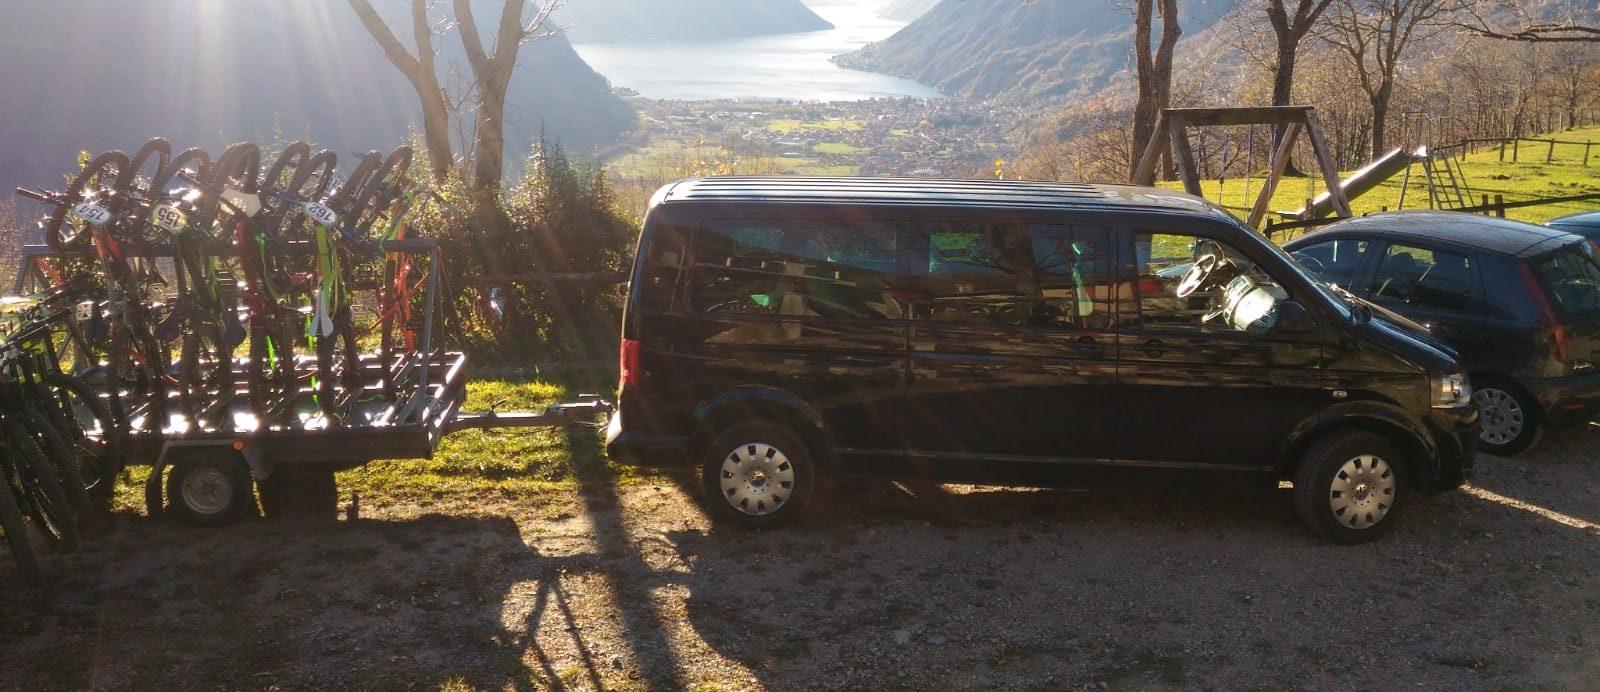 Autoservizi Leoni – Taxi – Minivan – trasporto bici